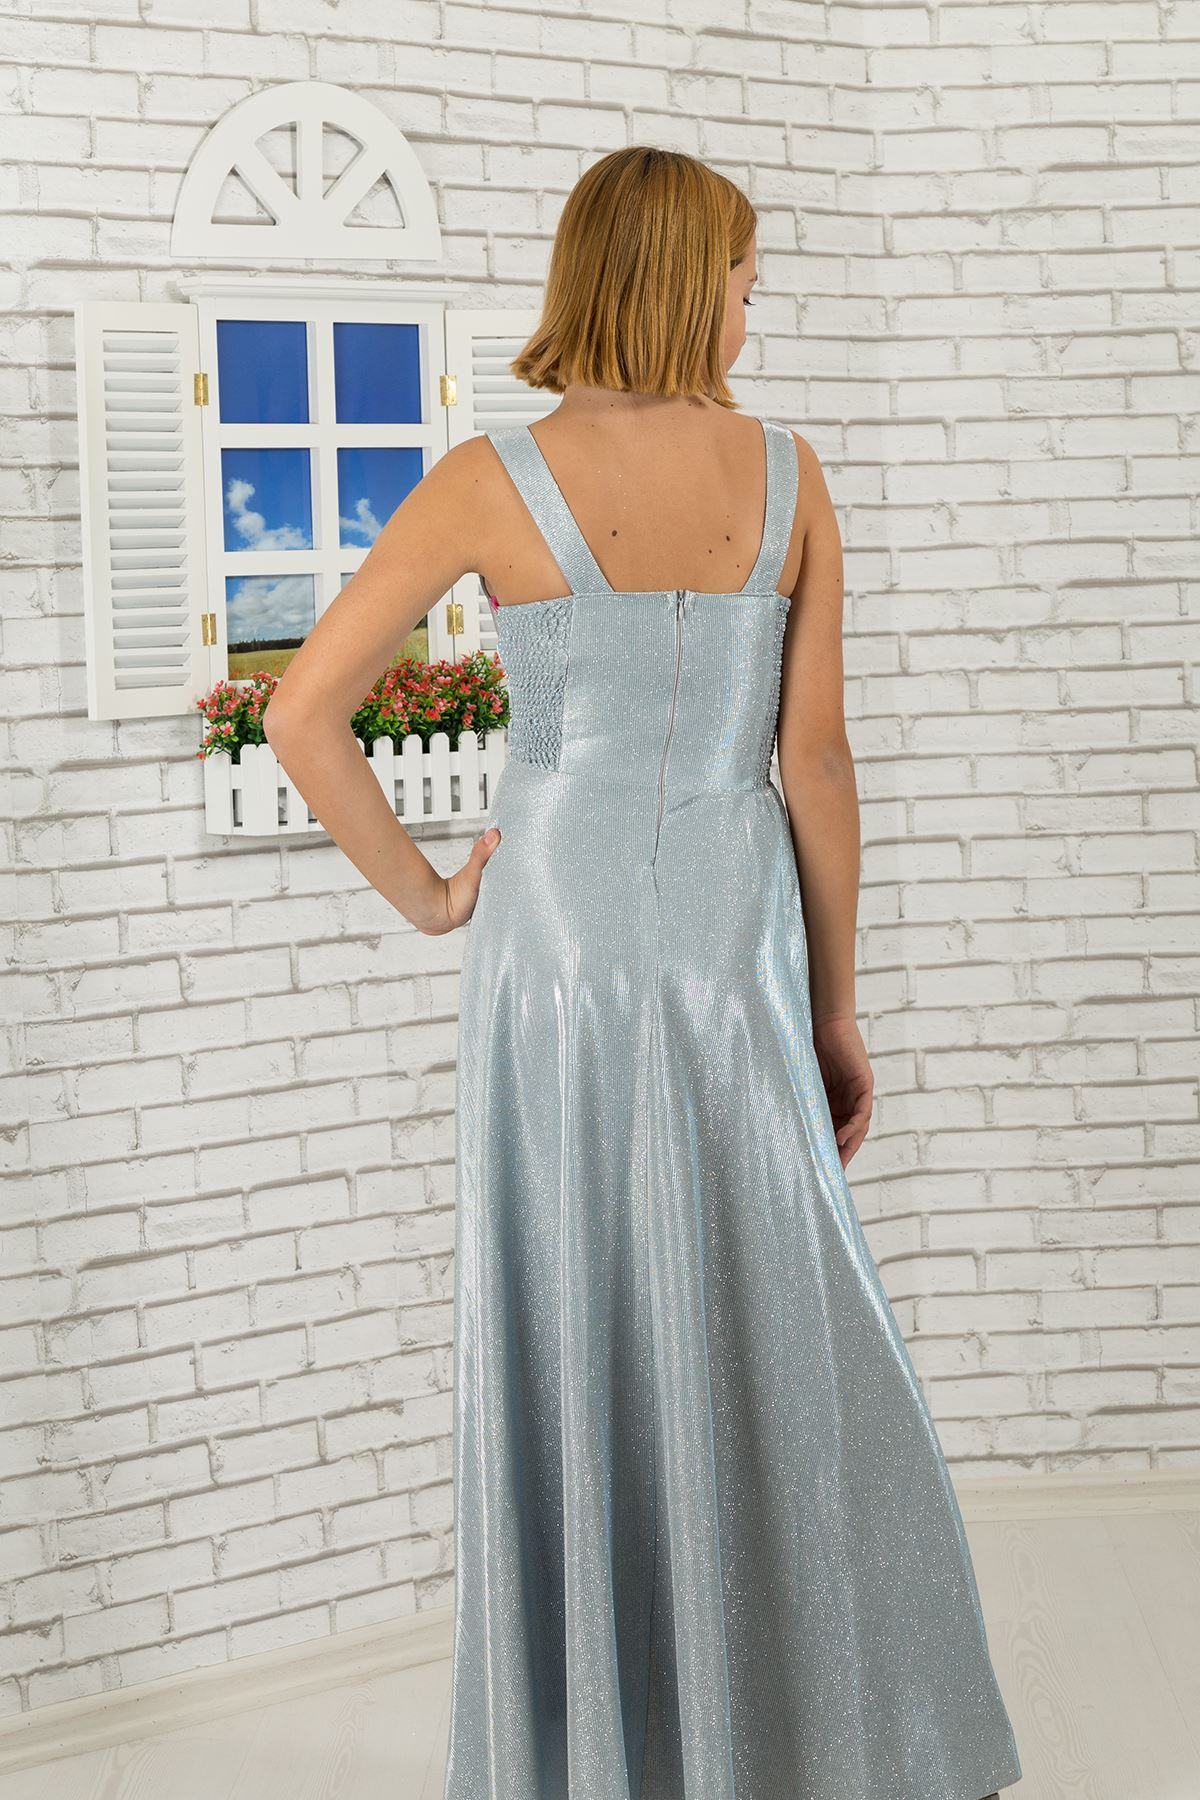 Μέση λεπτομερής, ασημένιο βραδινό φόρεμα 479 παιδιών κοριτσιών υφάσματος γκρίζο